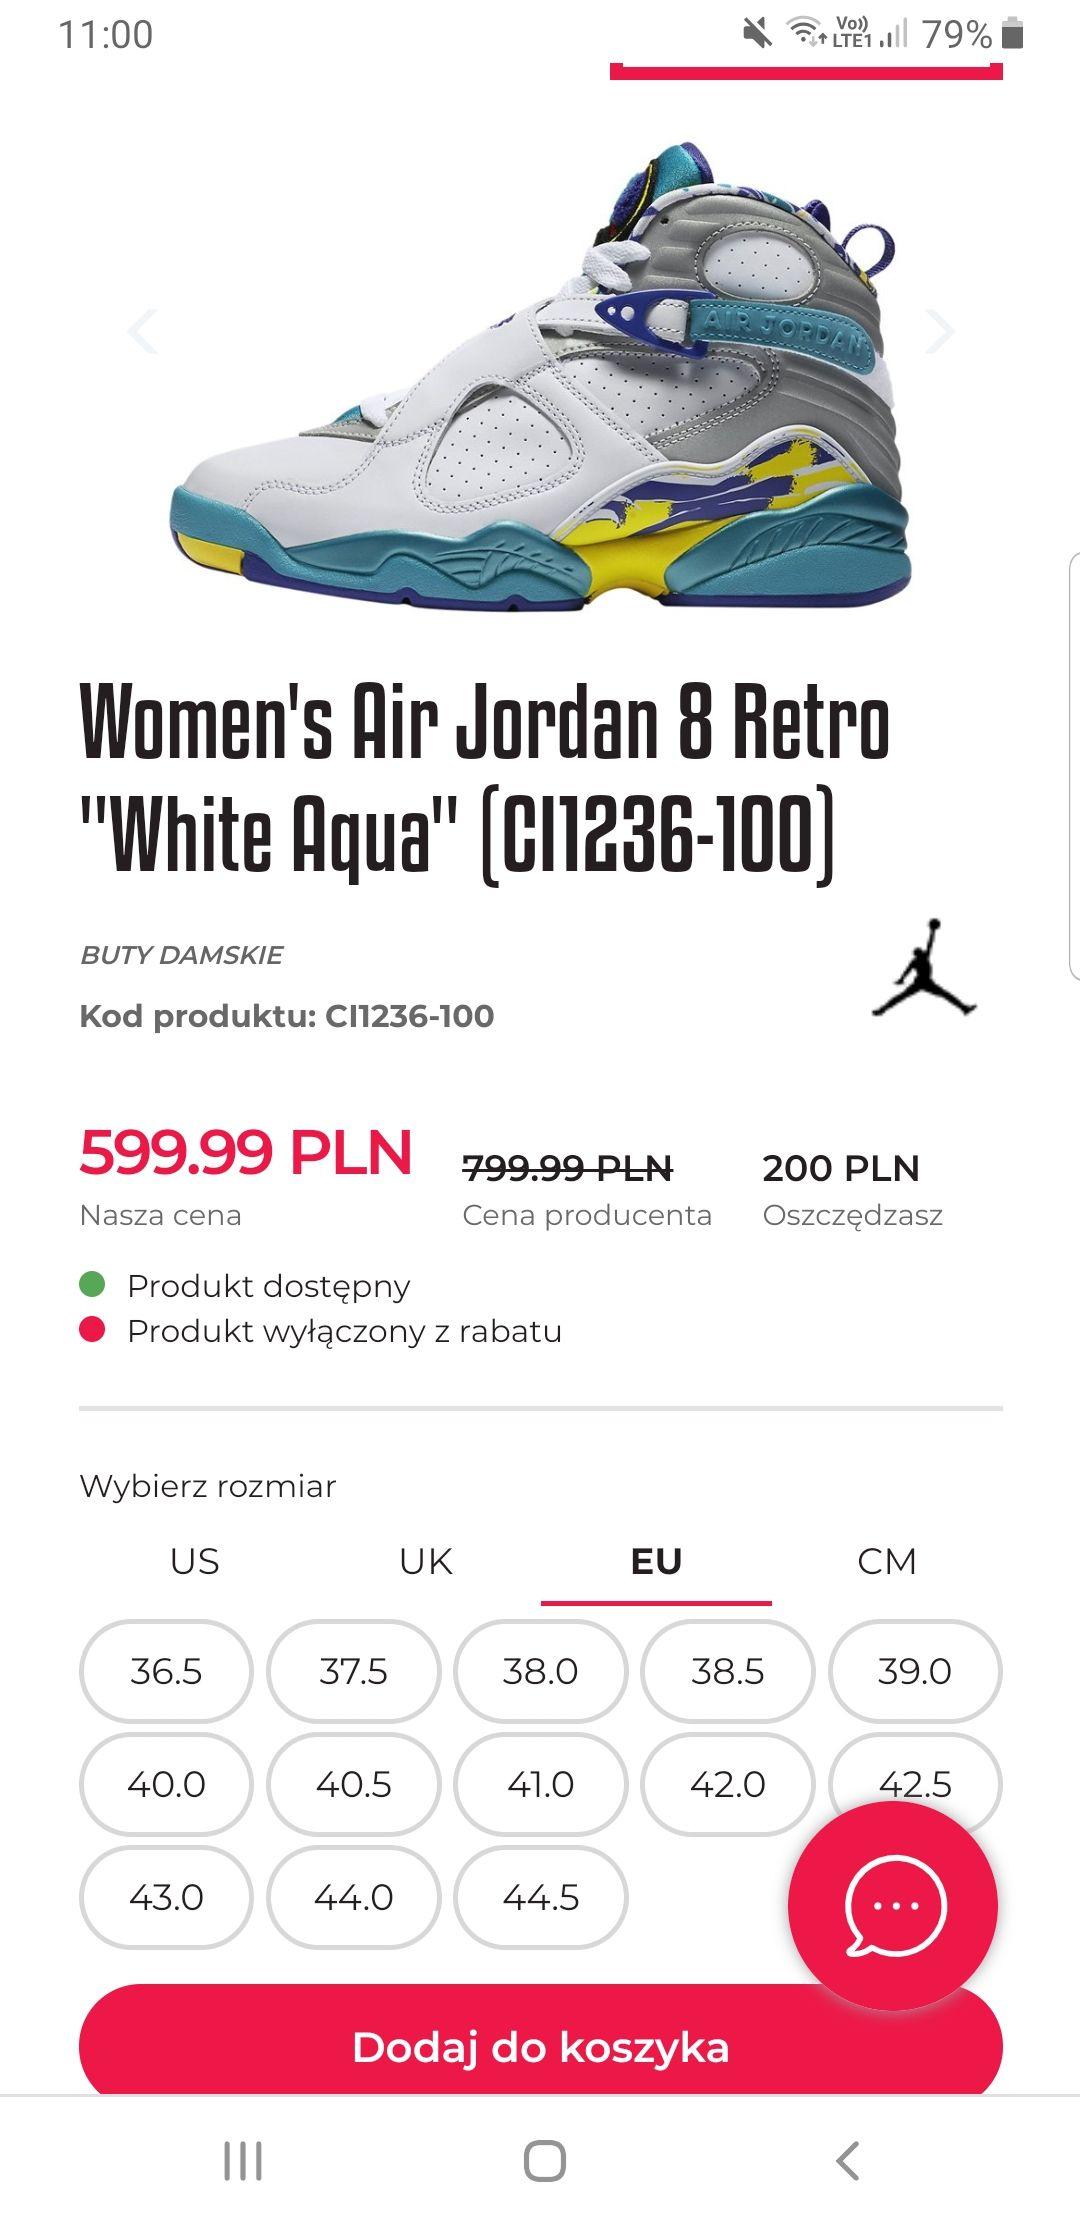 Women's Air Jordan 8 Retro